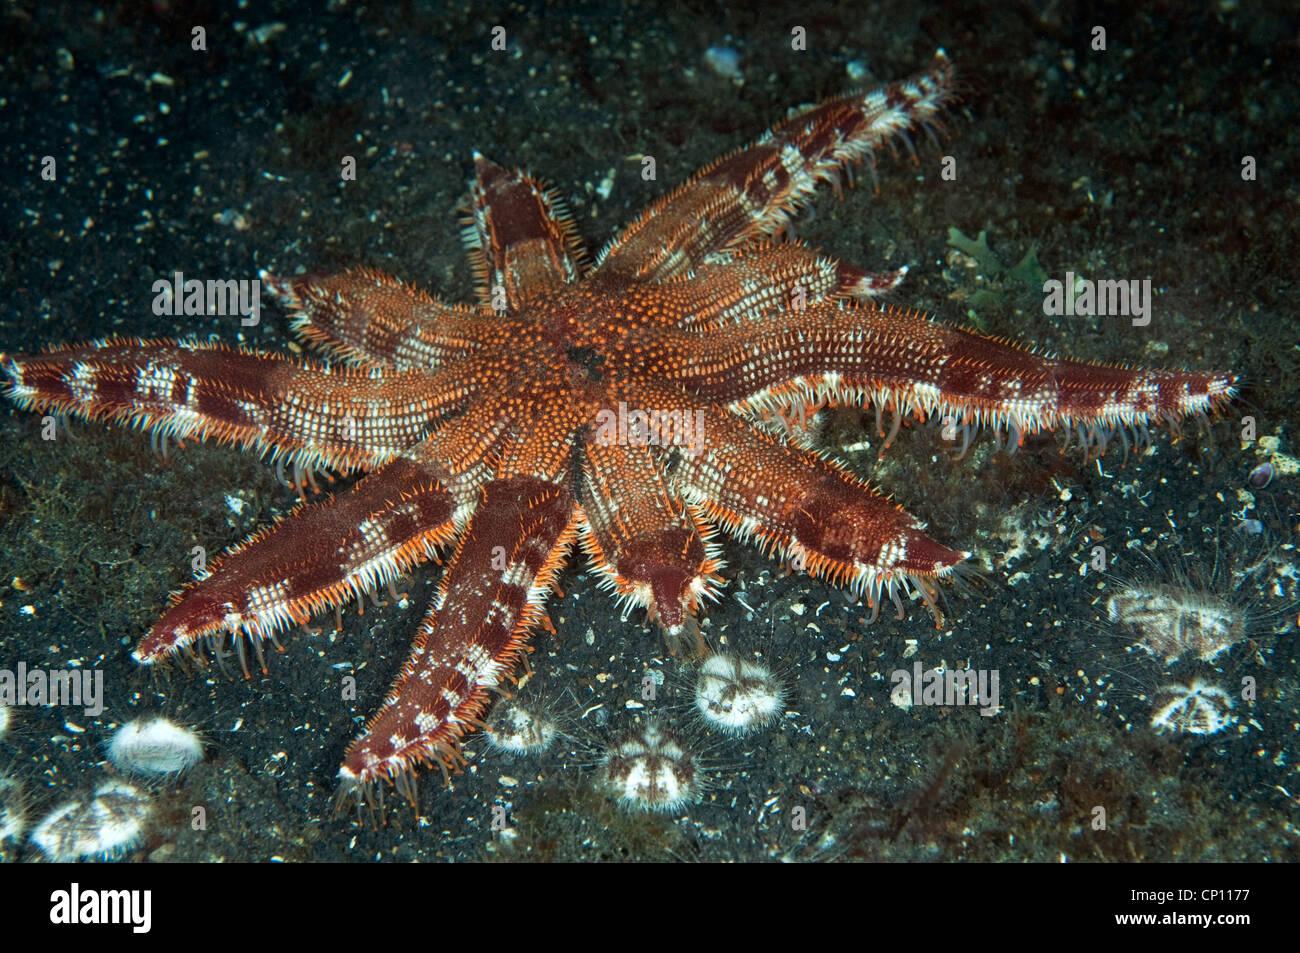 Multi armati di stelle marine Luidia sp., depredavano ricci indonesia sulawesi Immagini Stock